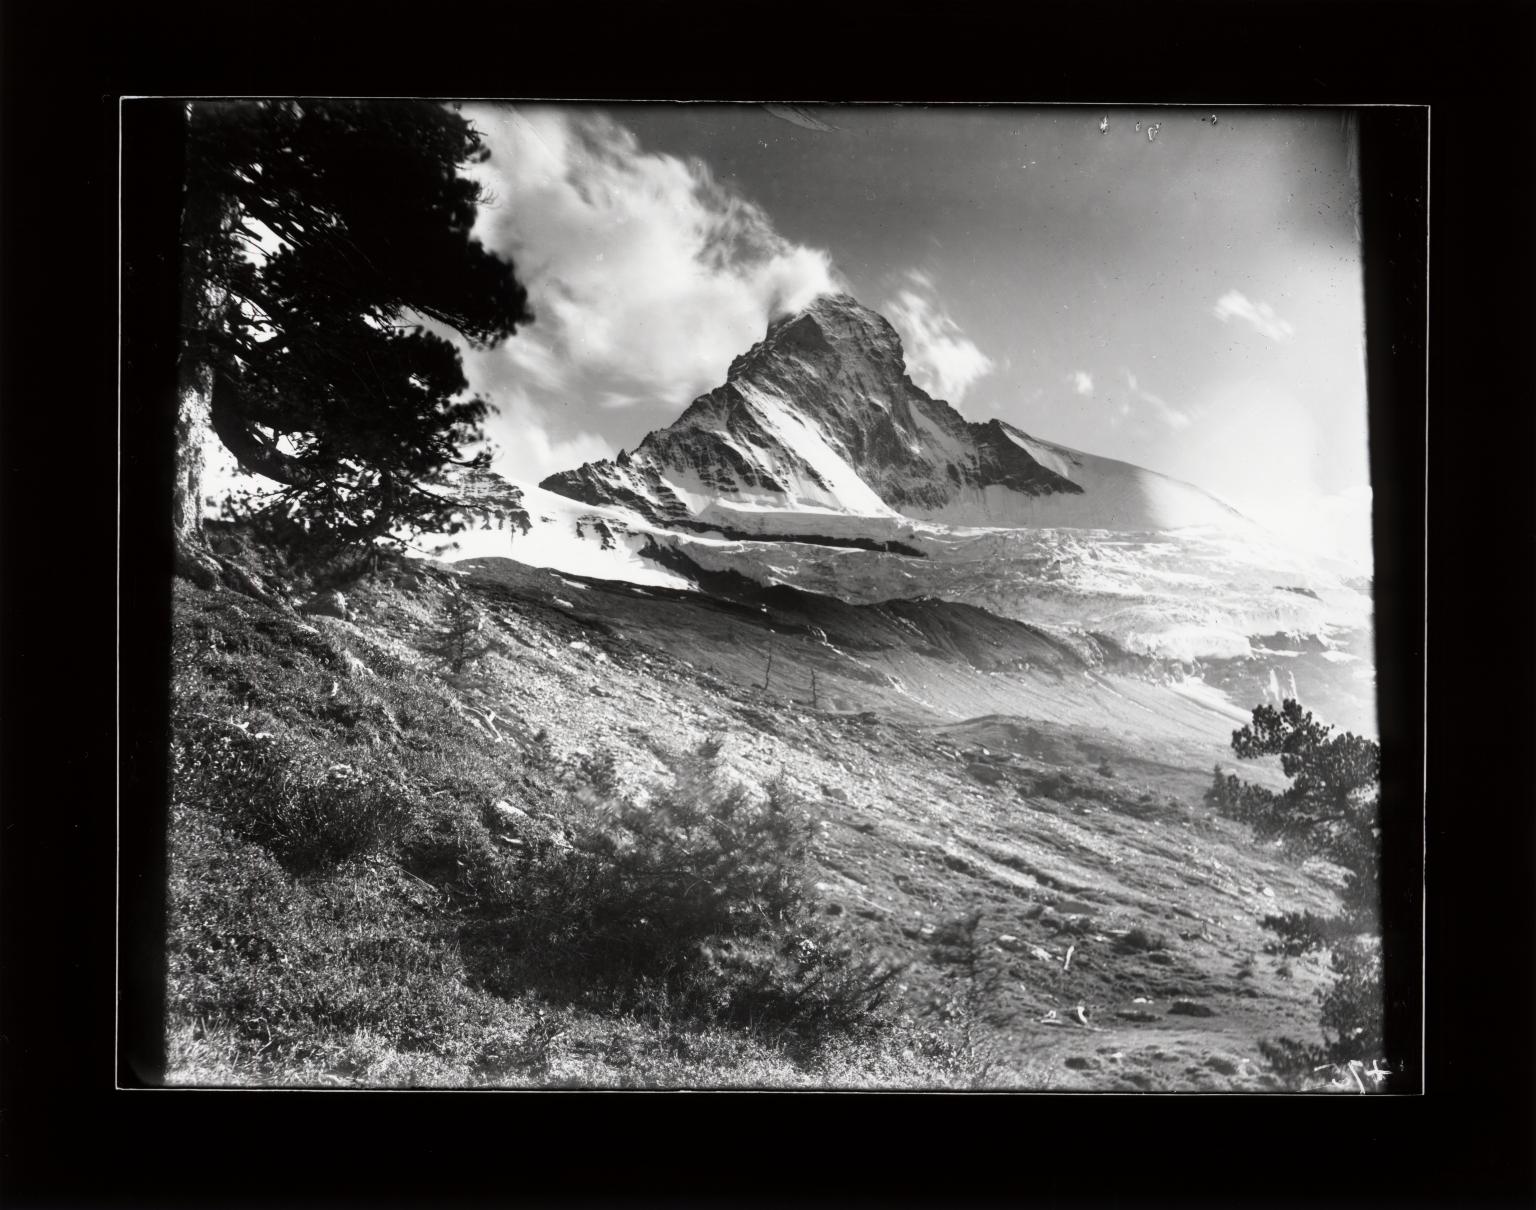 Matterhorn, from Staffel Alp, Valais, Switzerland